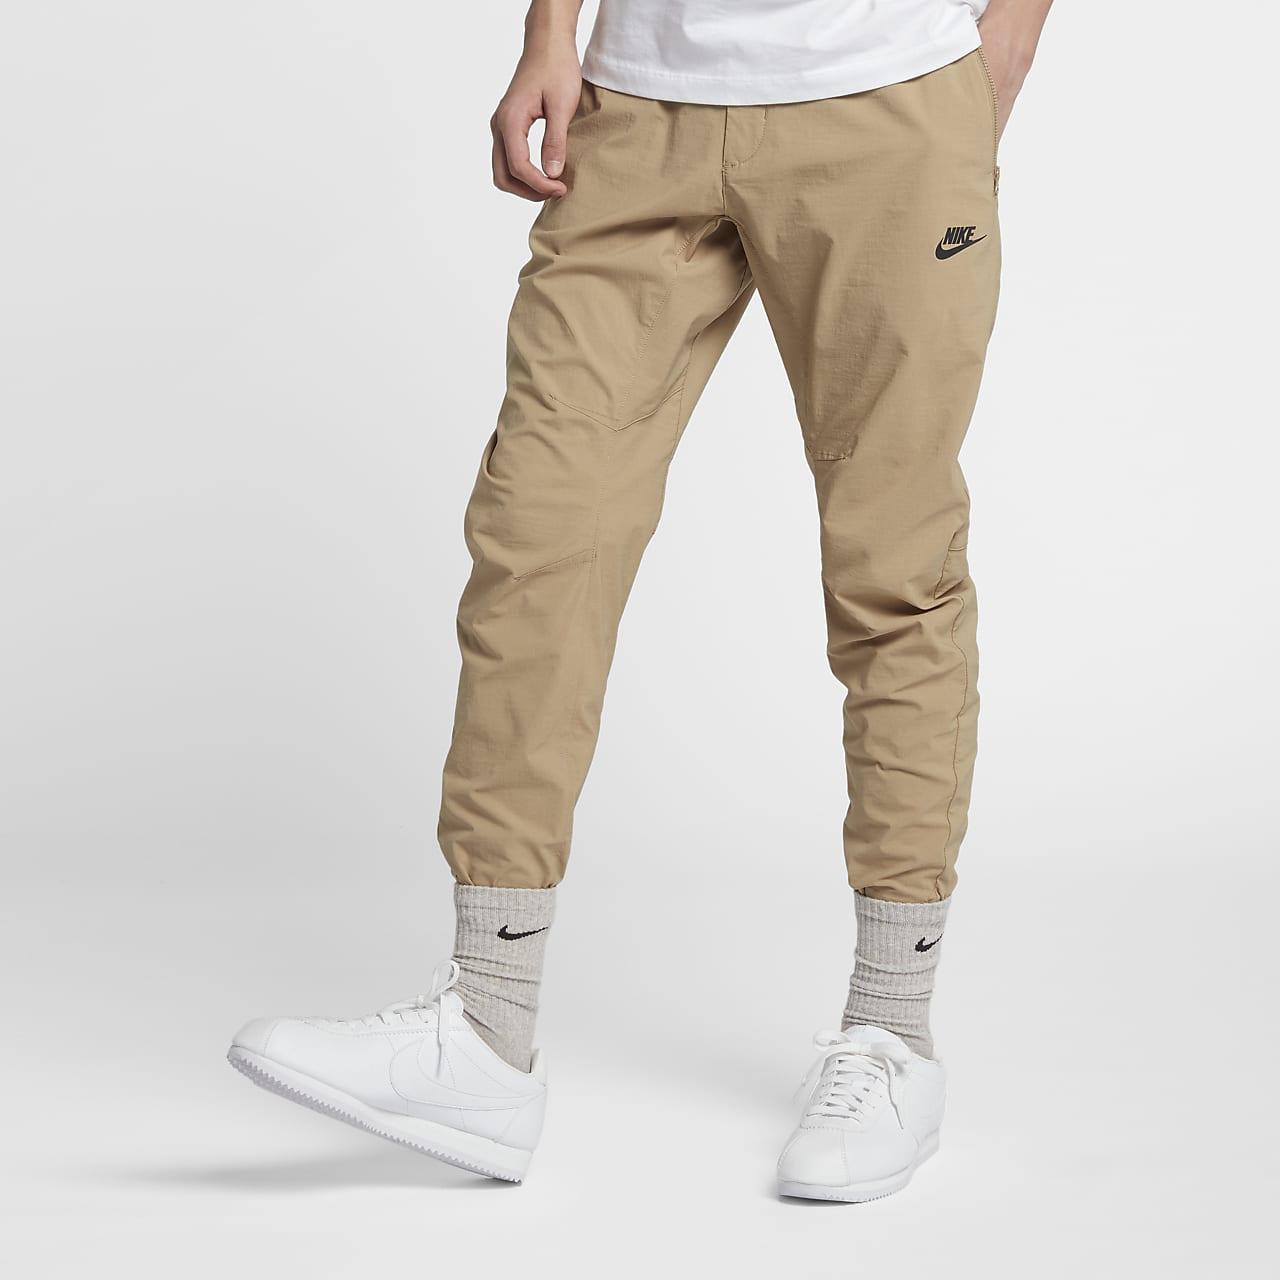 Nike Sportswear 男子梭织长裤